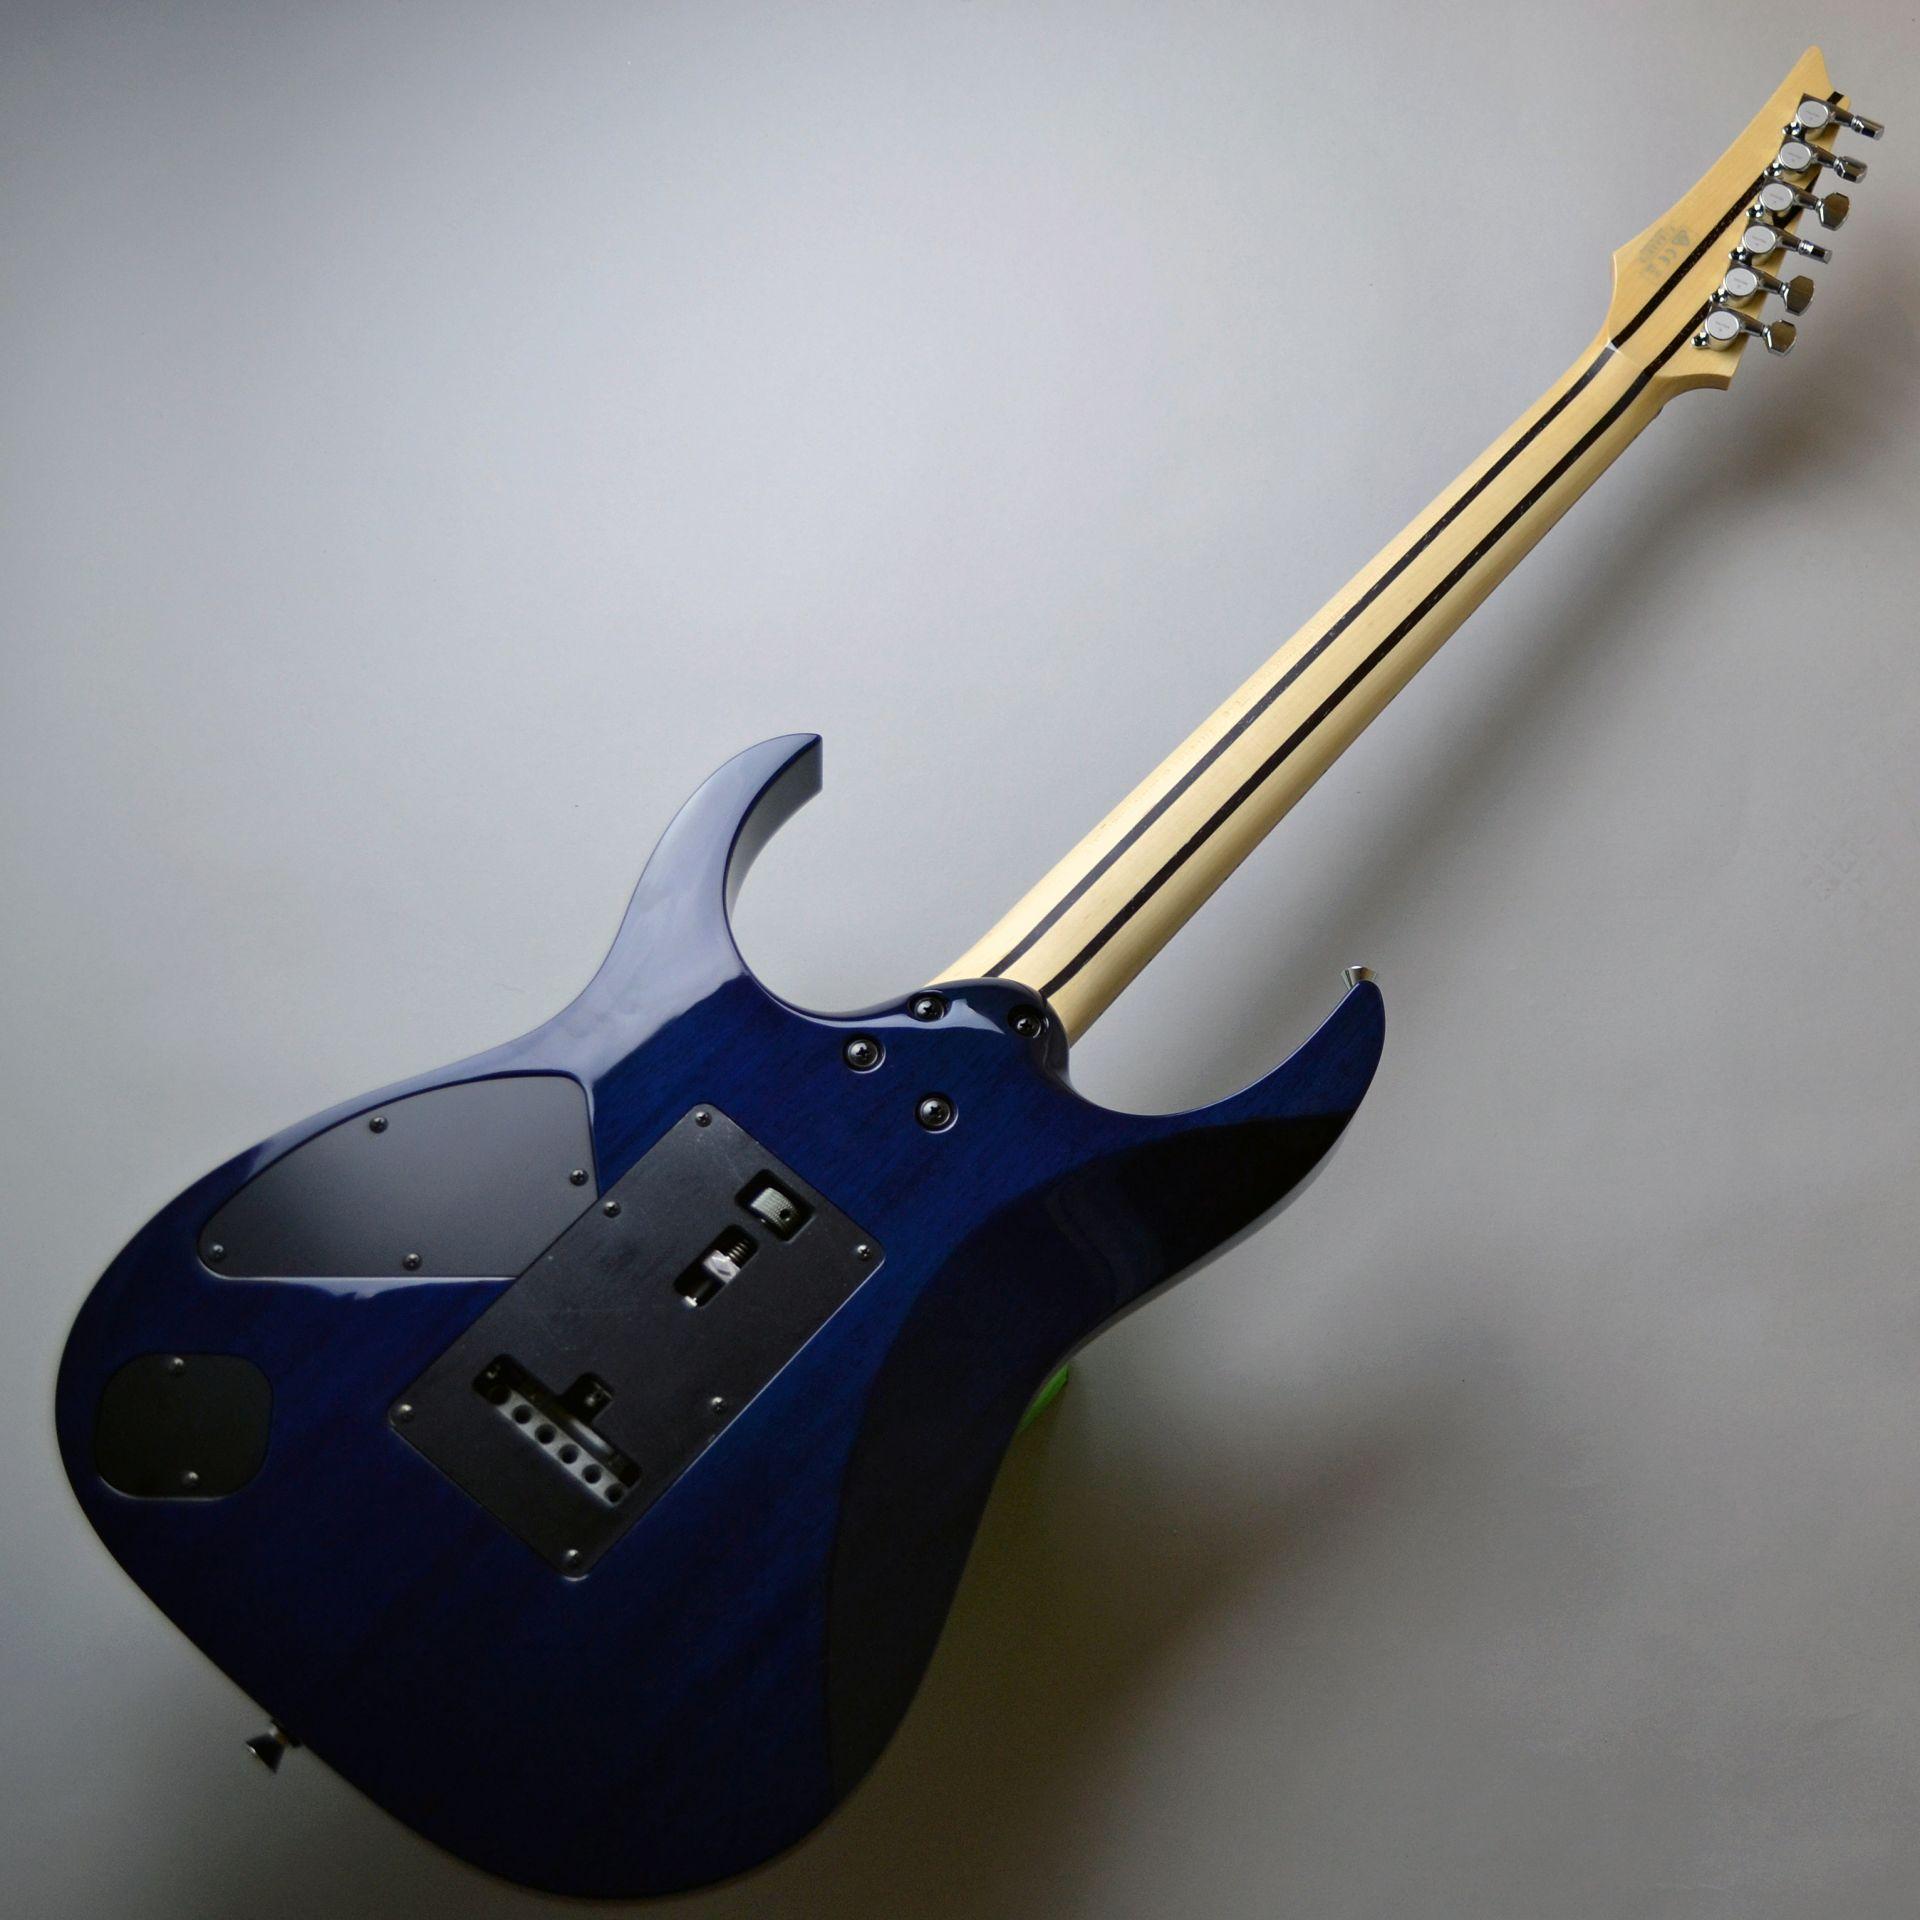 RGV8570-CBB Cerulean Blue Burst【島村楽器オリジナル】の全体画像(縦)